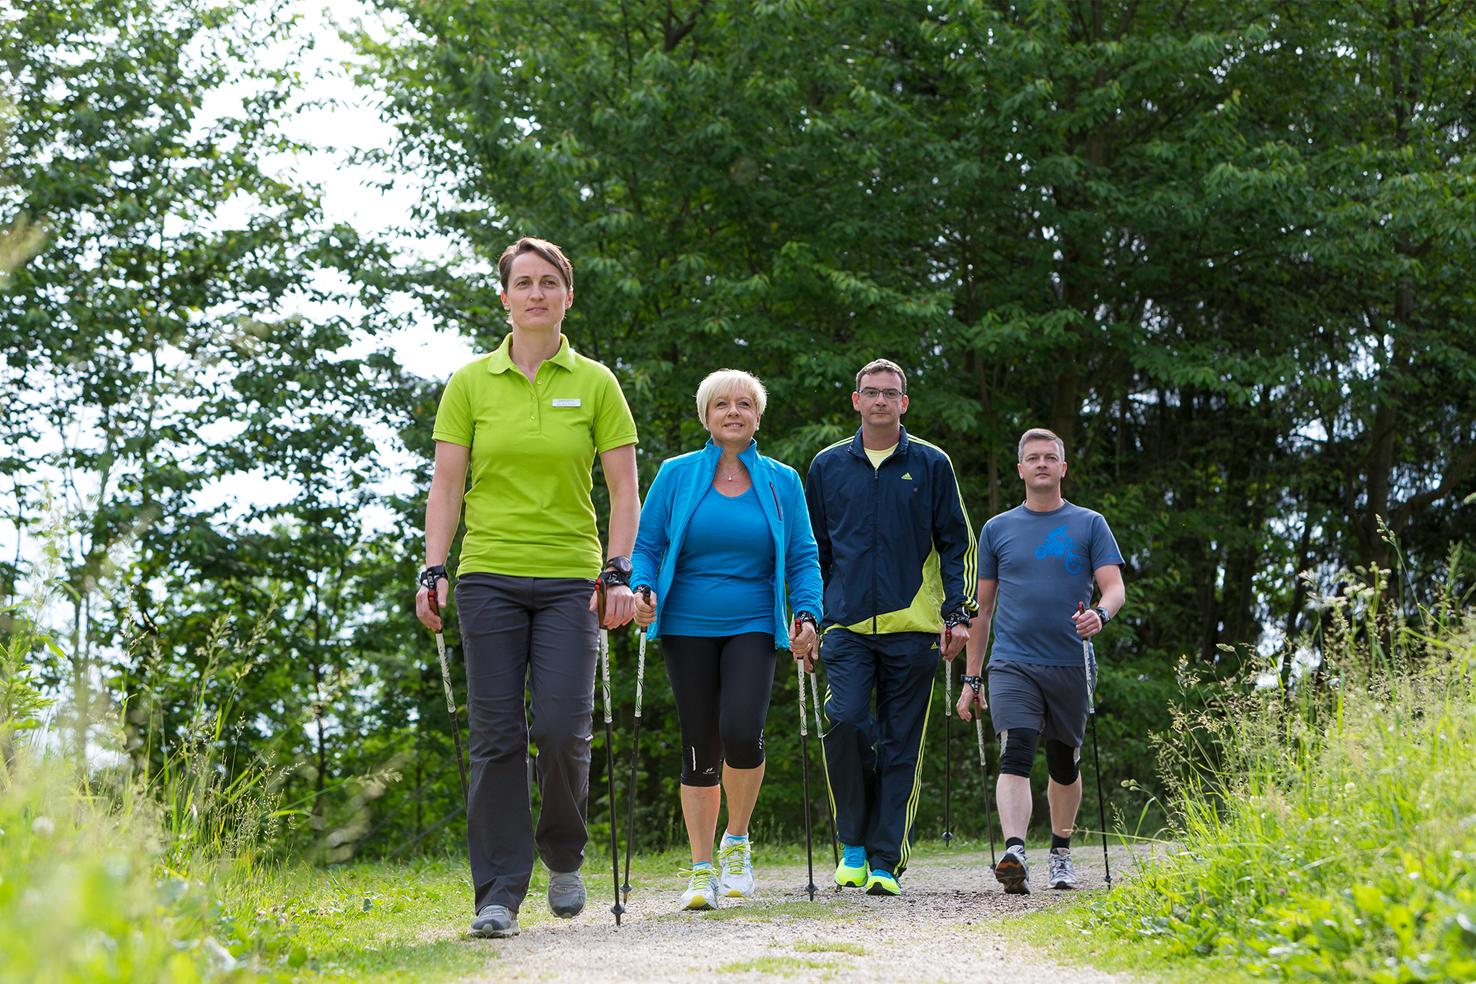 Xund und Aktiv im Herz-Kreislauf-Zentrum Groß Gerungs